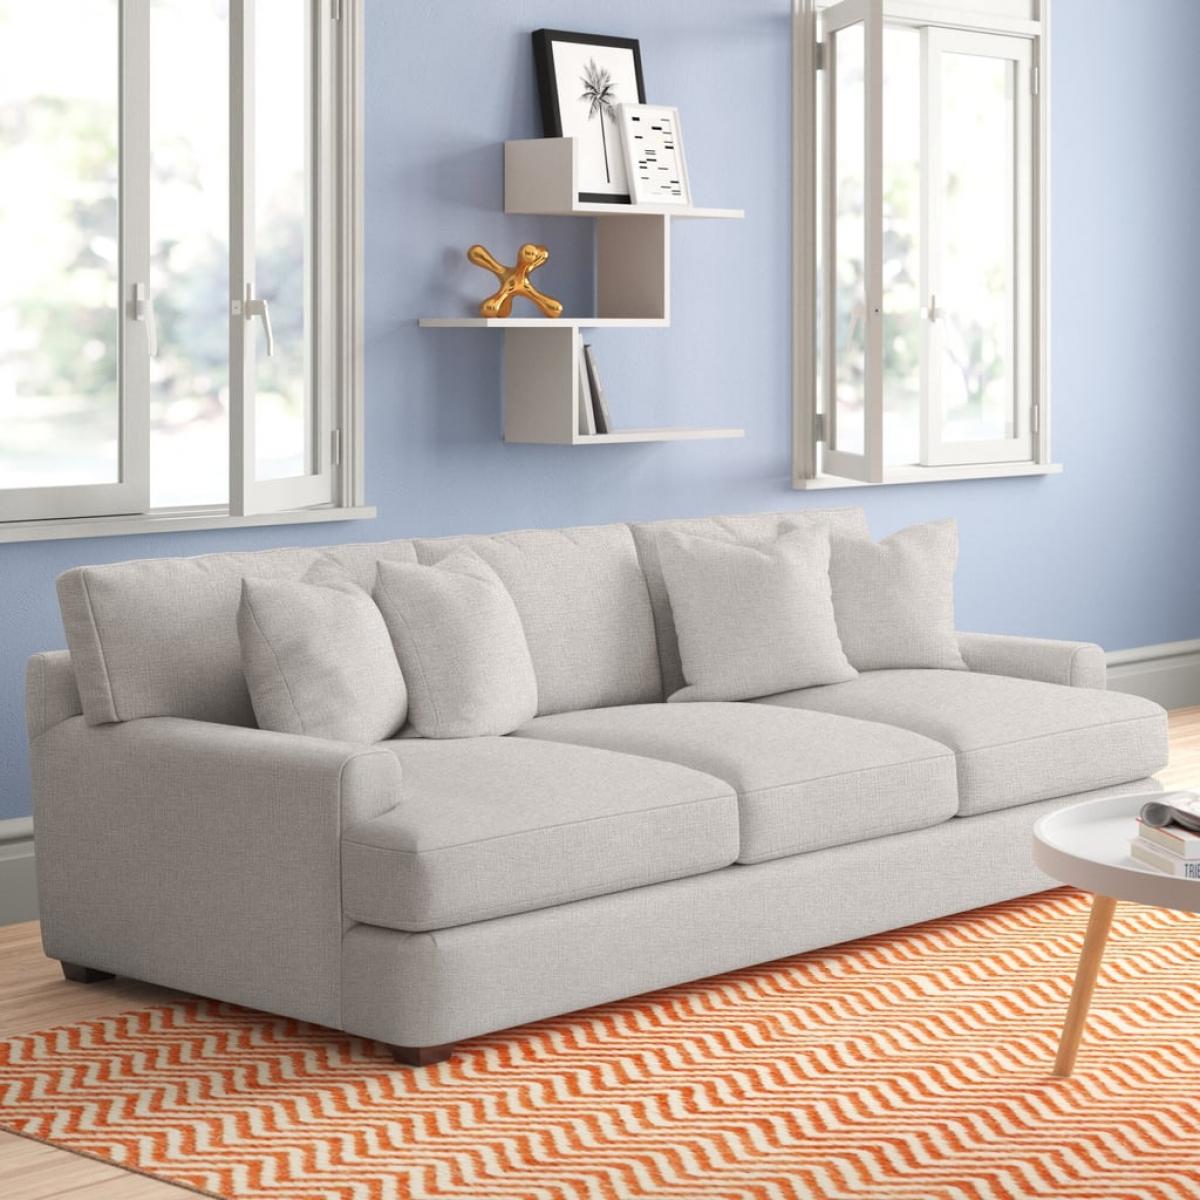 Nếu không gian rộng hơn một chút, hãy chọn loại có thể trực tiếp kéo ra làm giường ngủ.